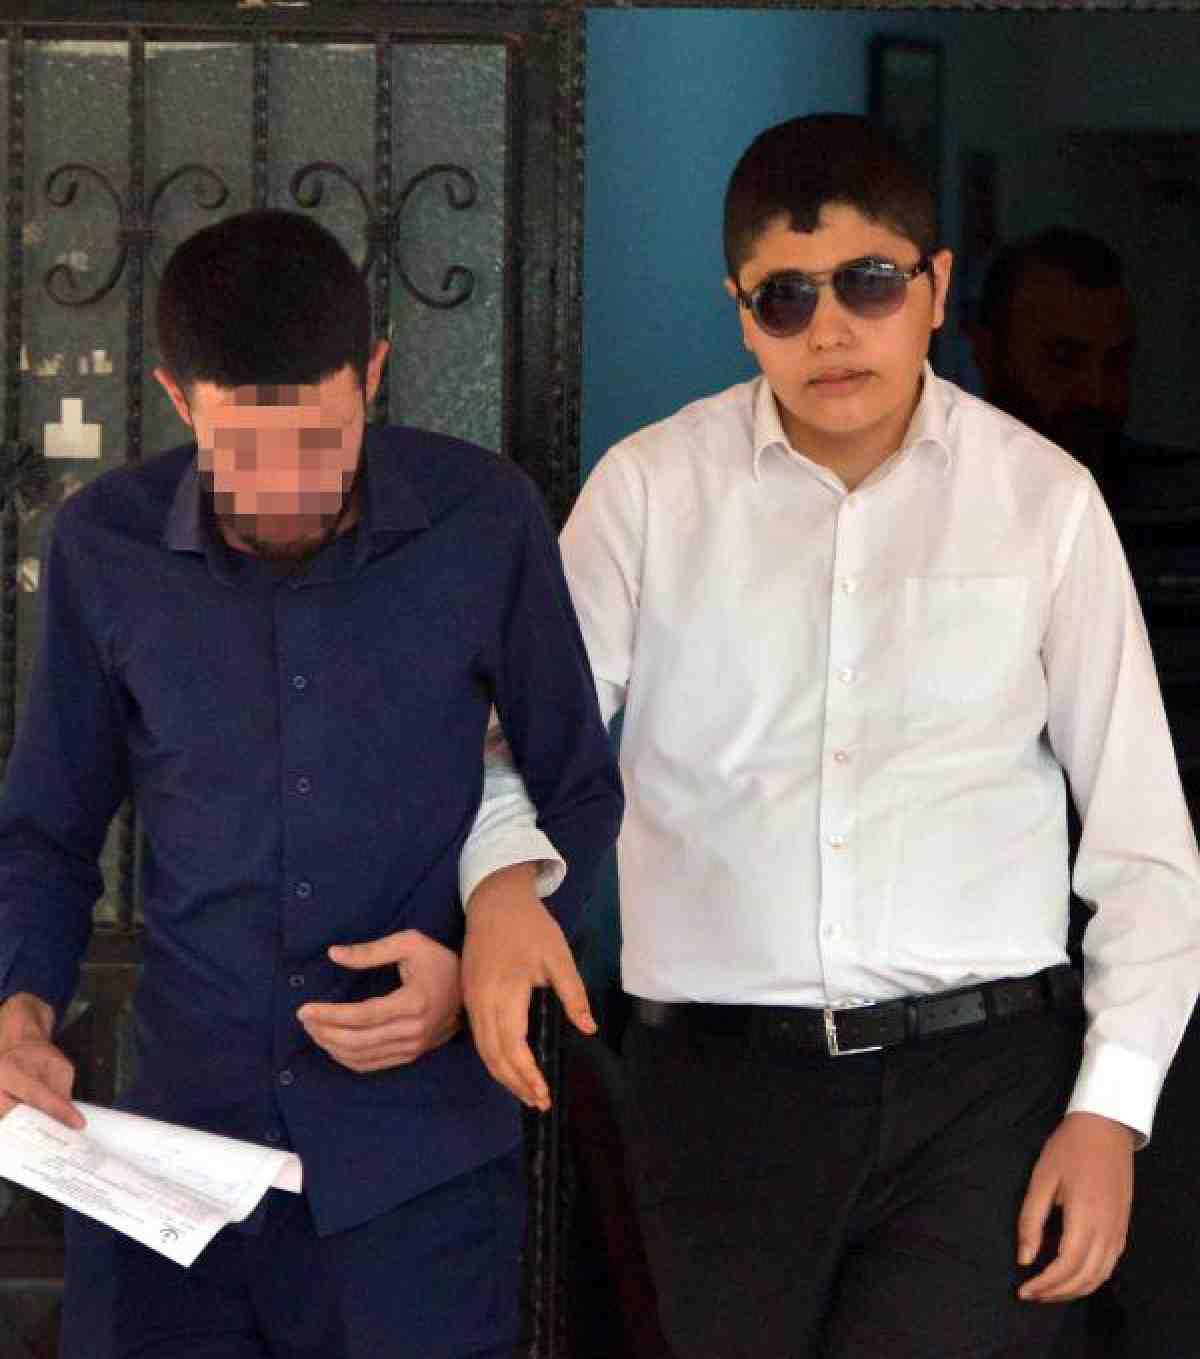 Görme engelli genç Erdoğan'a hakaretten gözaltına alındı